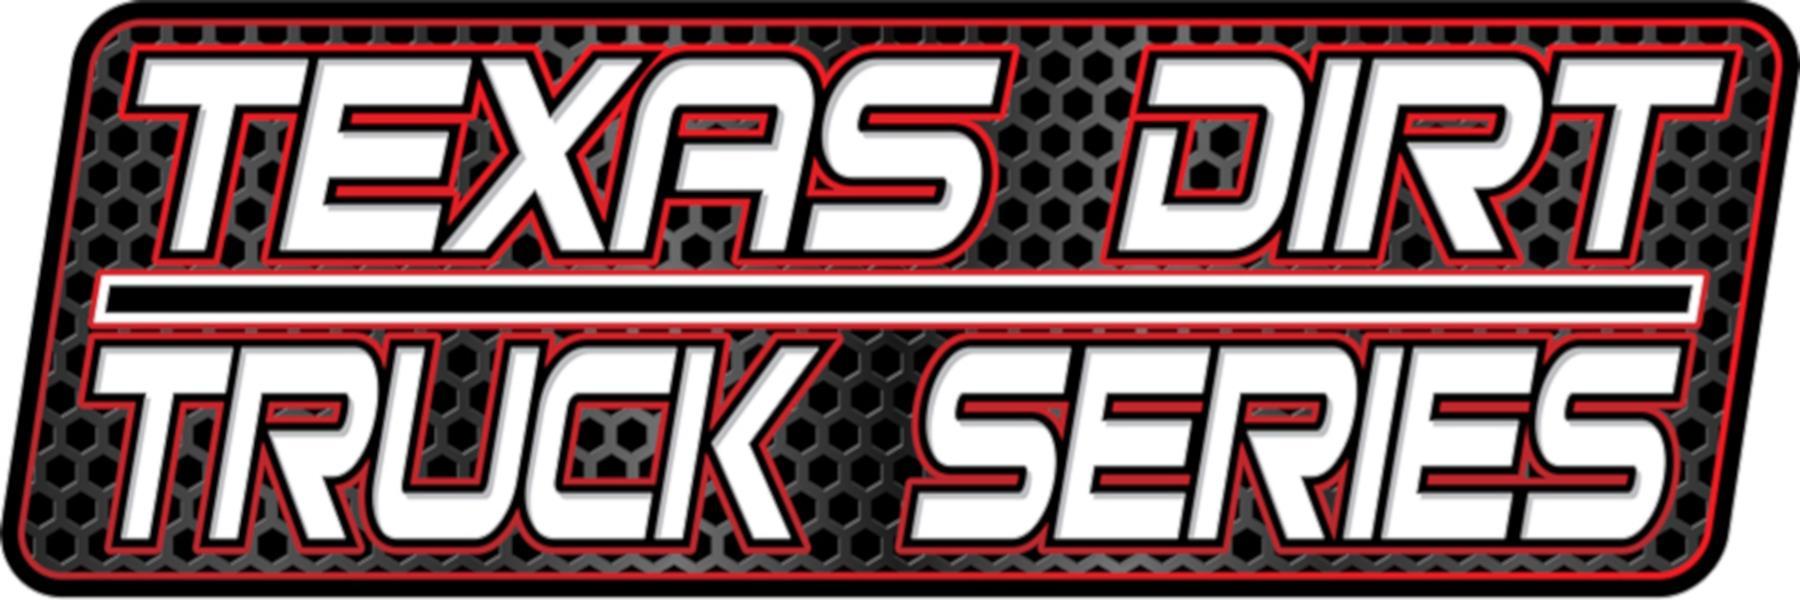 Texas Dirt Truck Series